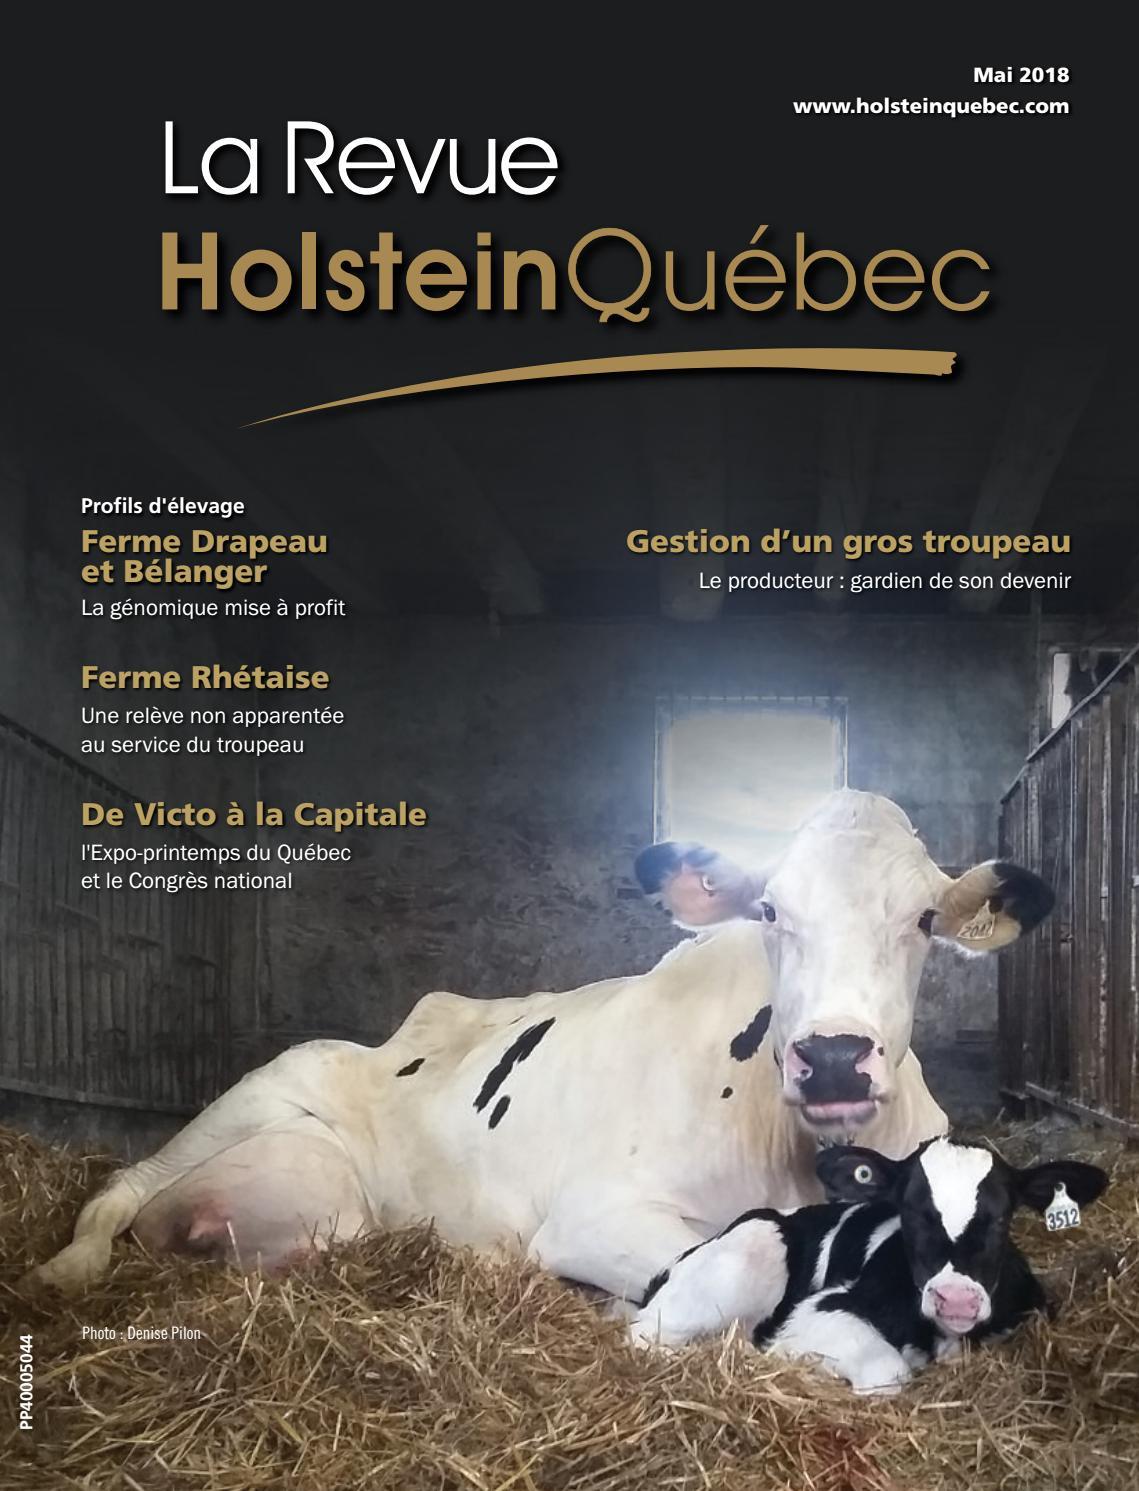 Revue holstein mai 2018 by Holstein Québec - issuu 8923fb37409